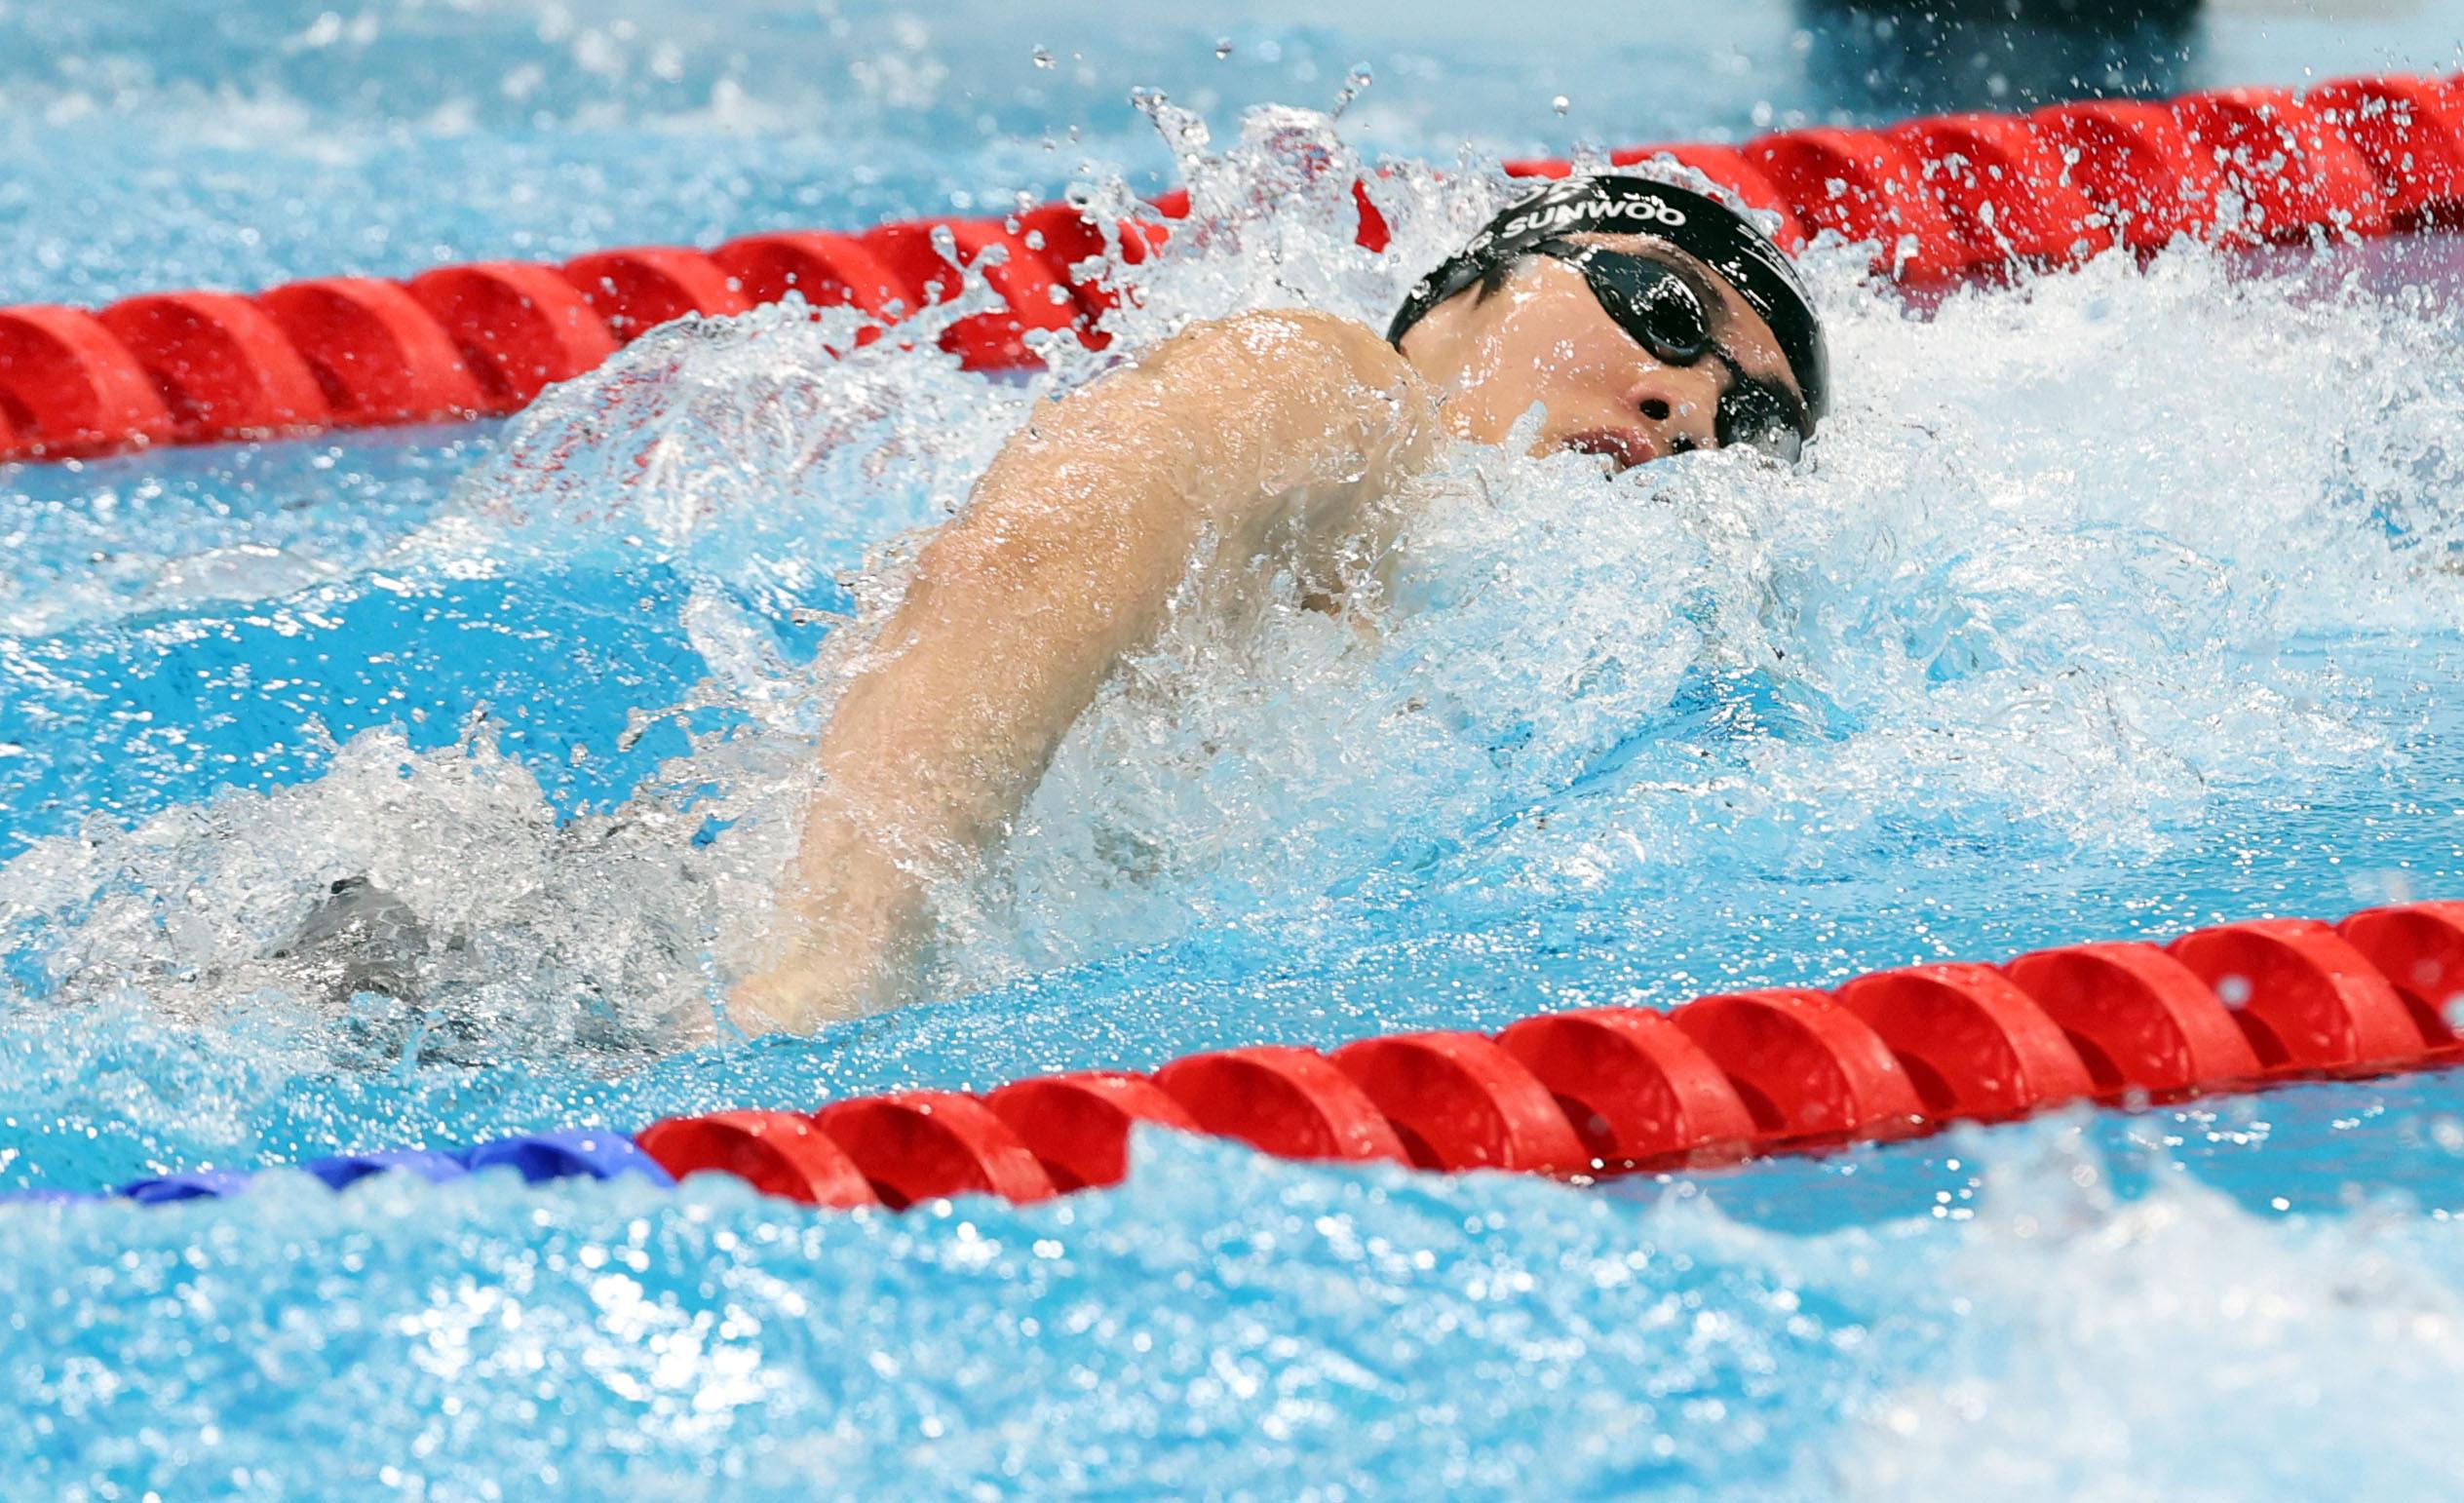 ▲▼南韓泳壇鮮肉黃善宇在東奧男子100公尺自由式準決賽游出47秒56,刷新亞洲、南韓的紀錄。(圖/達志影像/newscom)